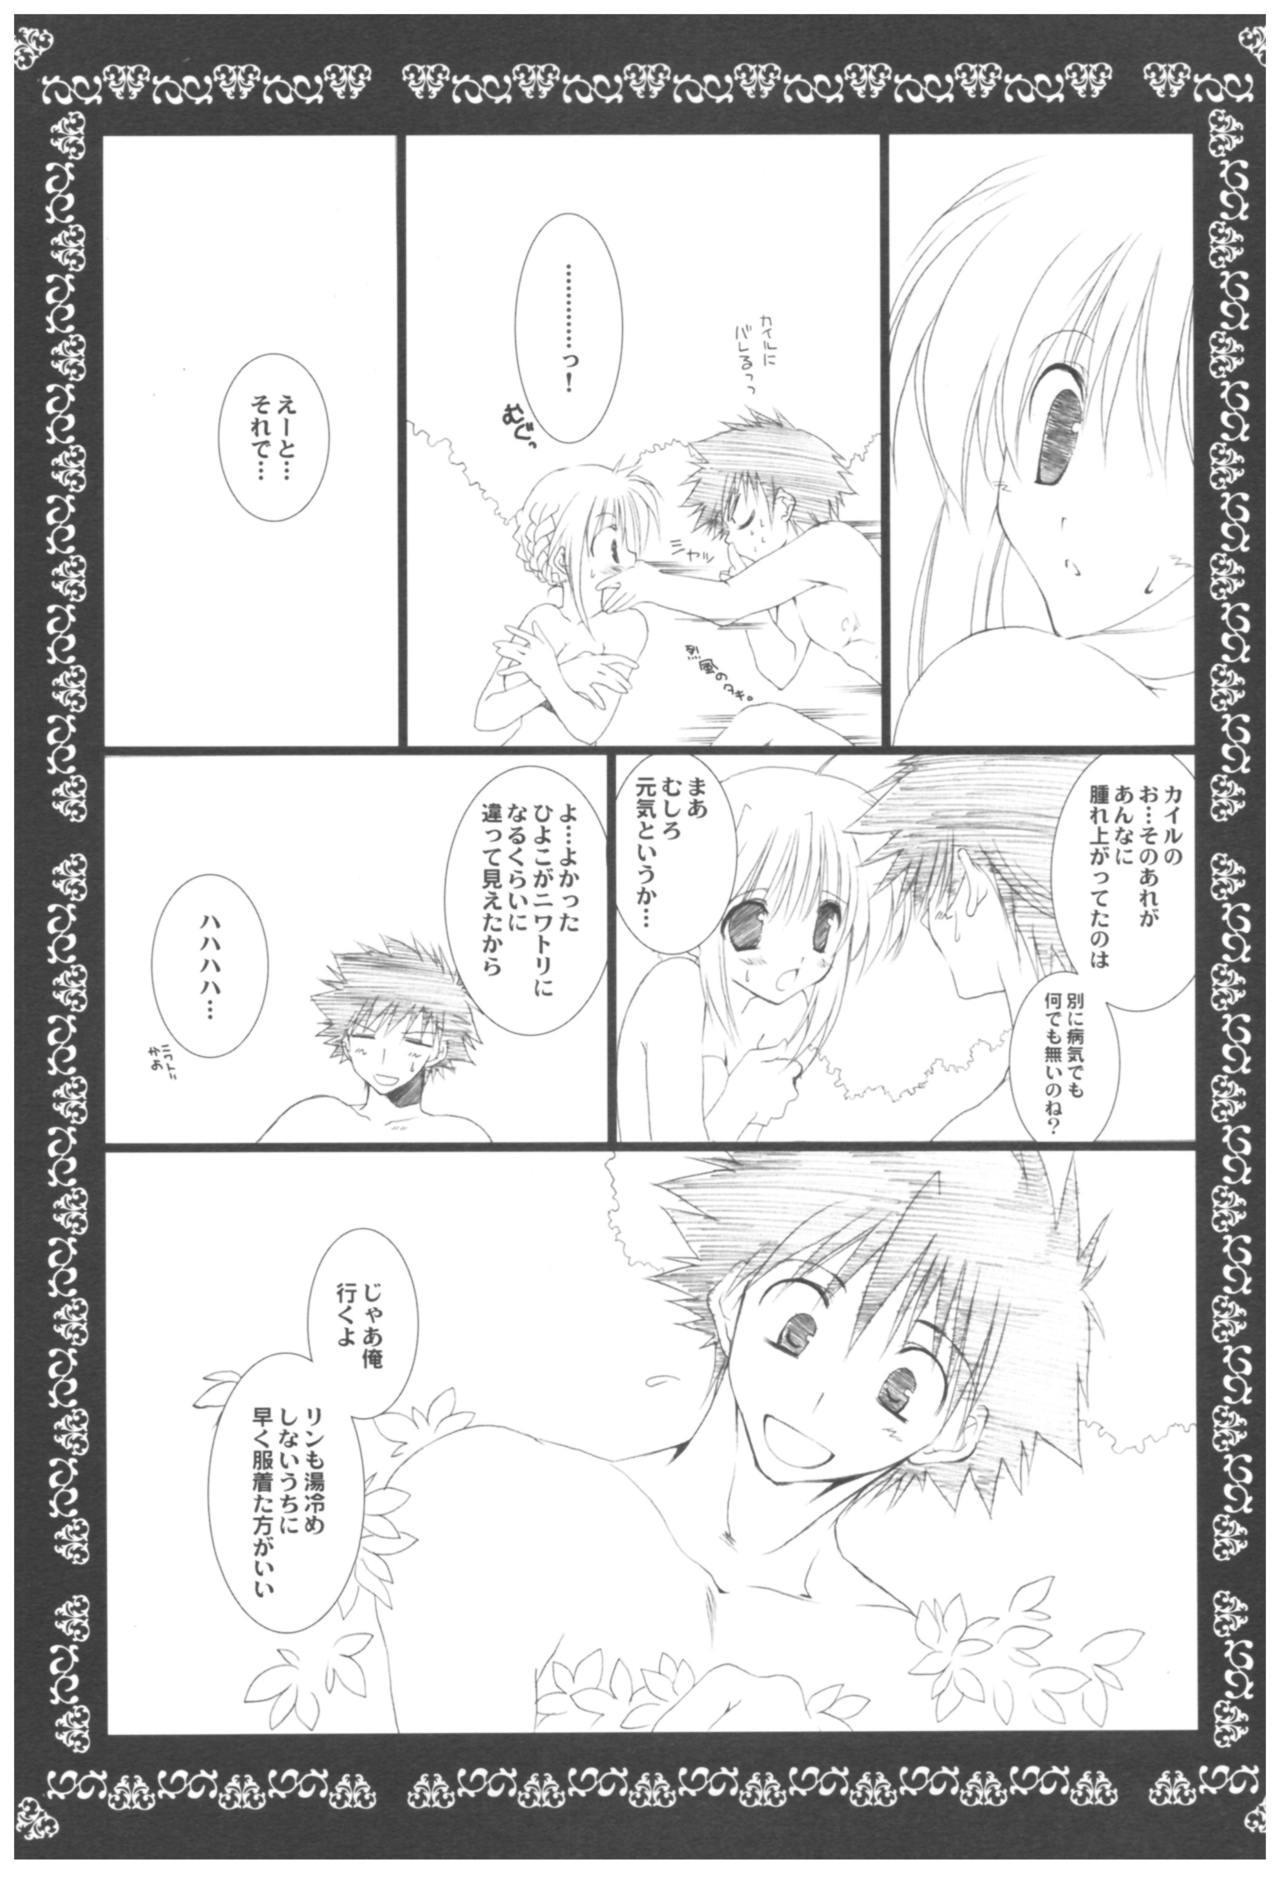 Naedoko Ikusei Kansatsu Kiroku 54